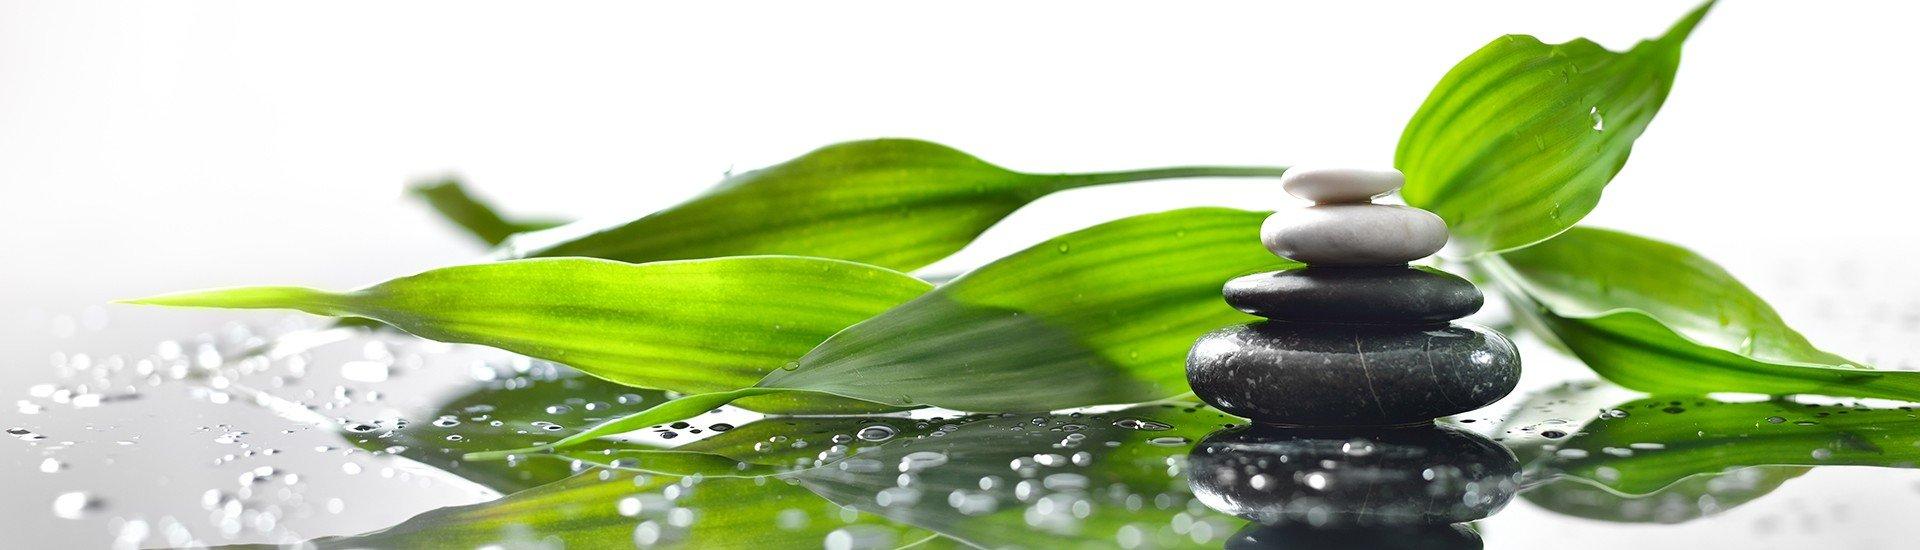 Bitkisel Yağlar ve Ekstraktlar